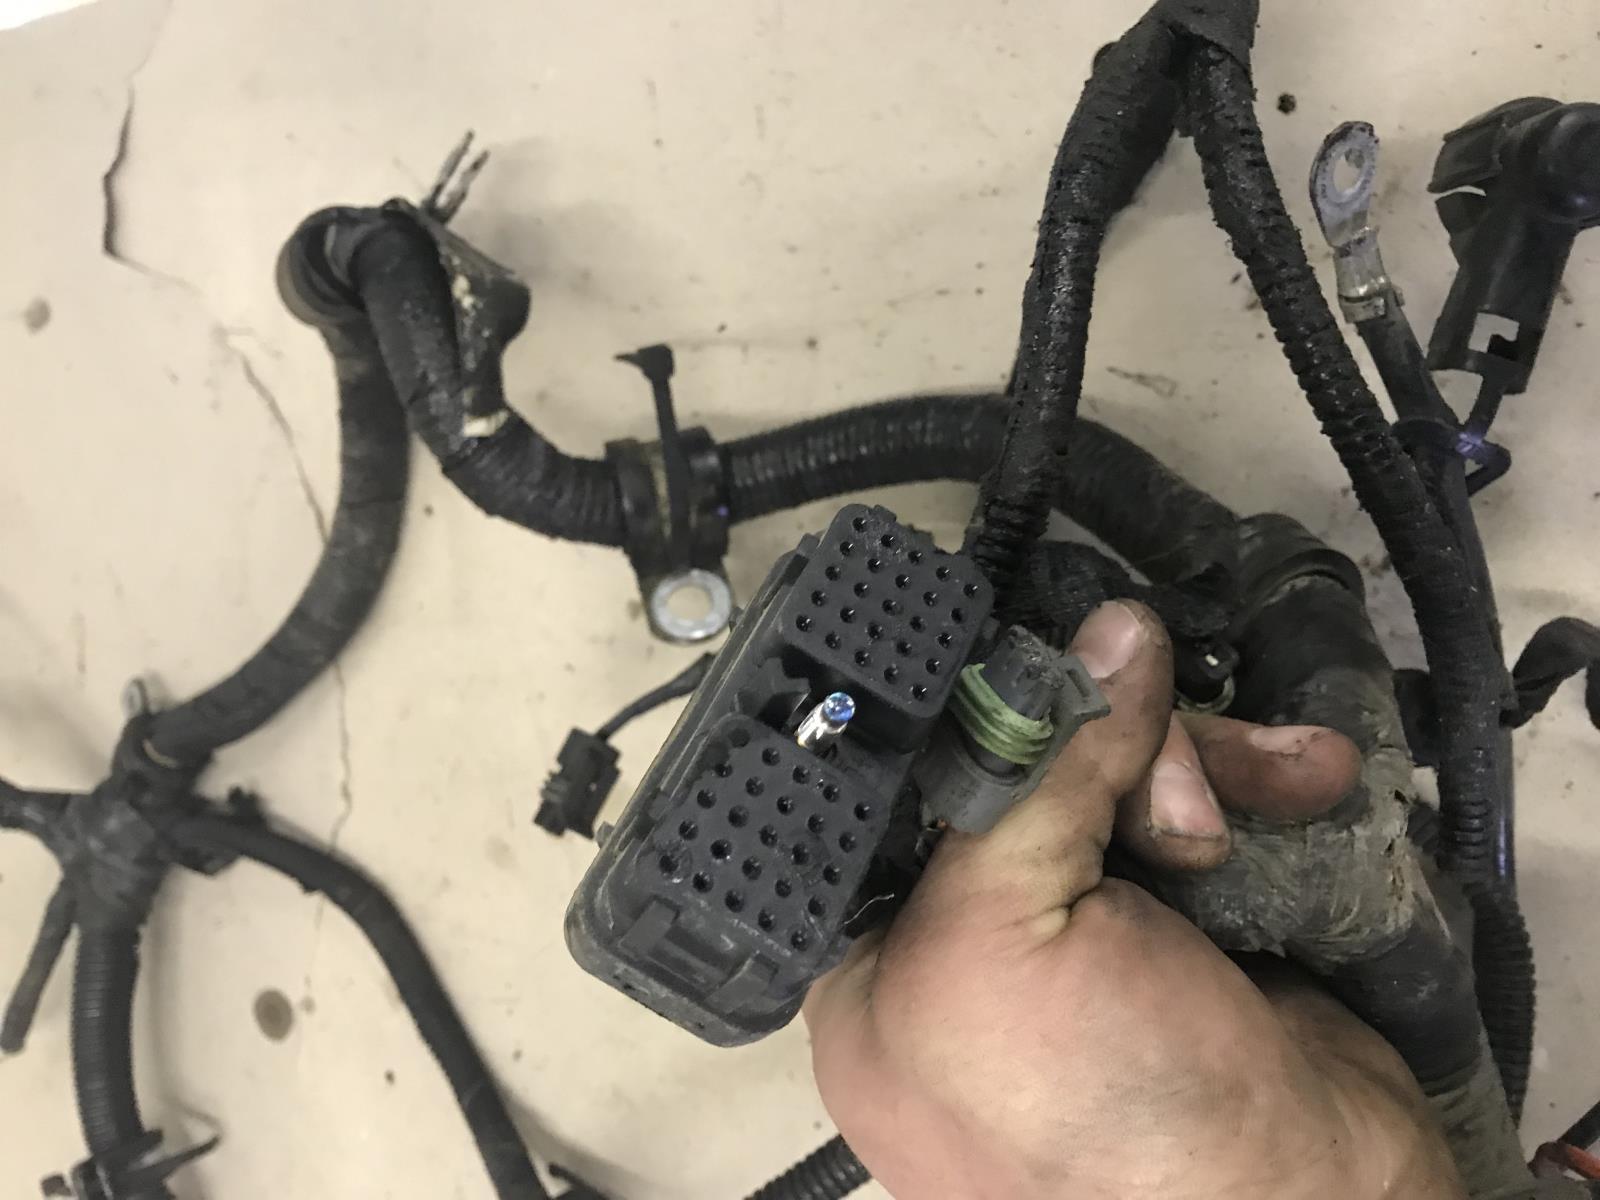 2000 dodge ram 2500 3500 cummins engine wiring harness tag as43296   ebay  ebay